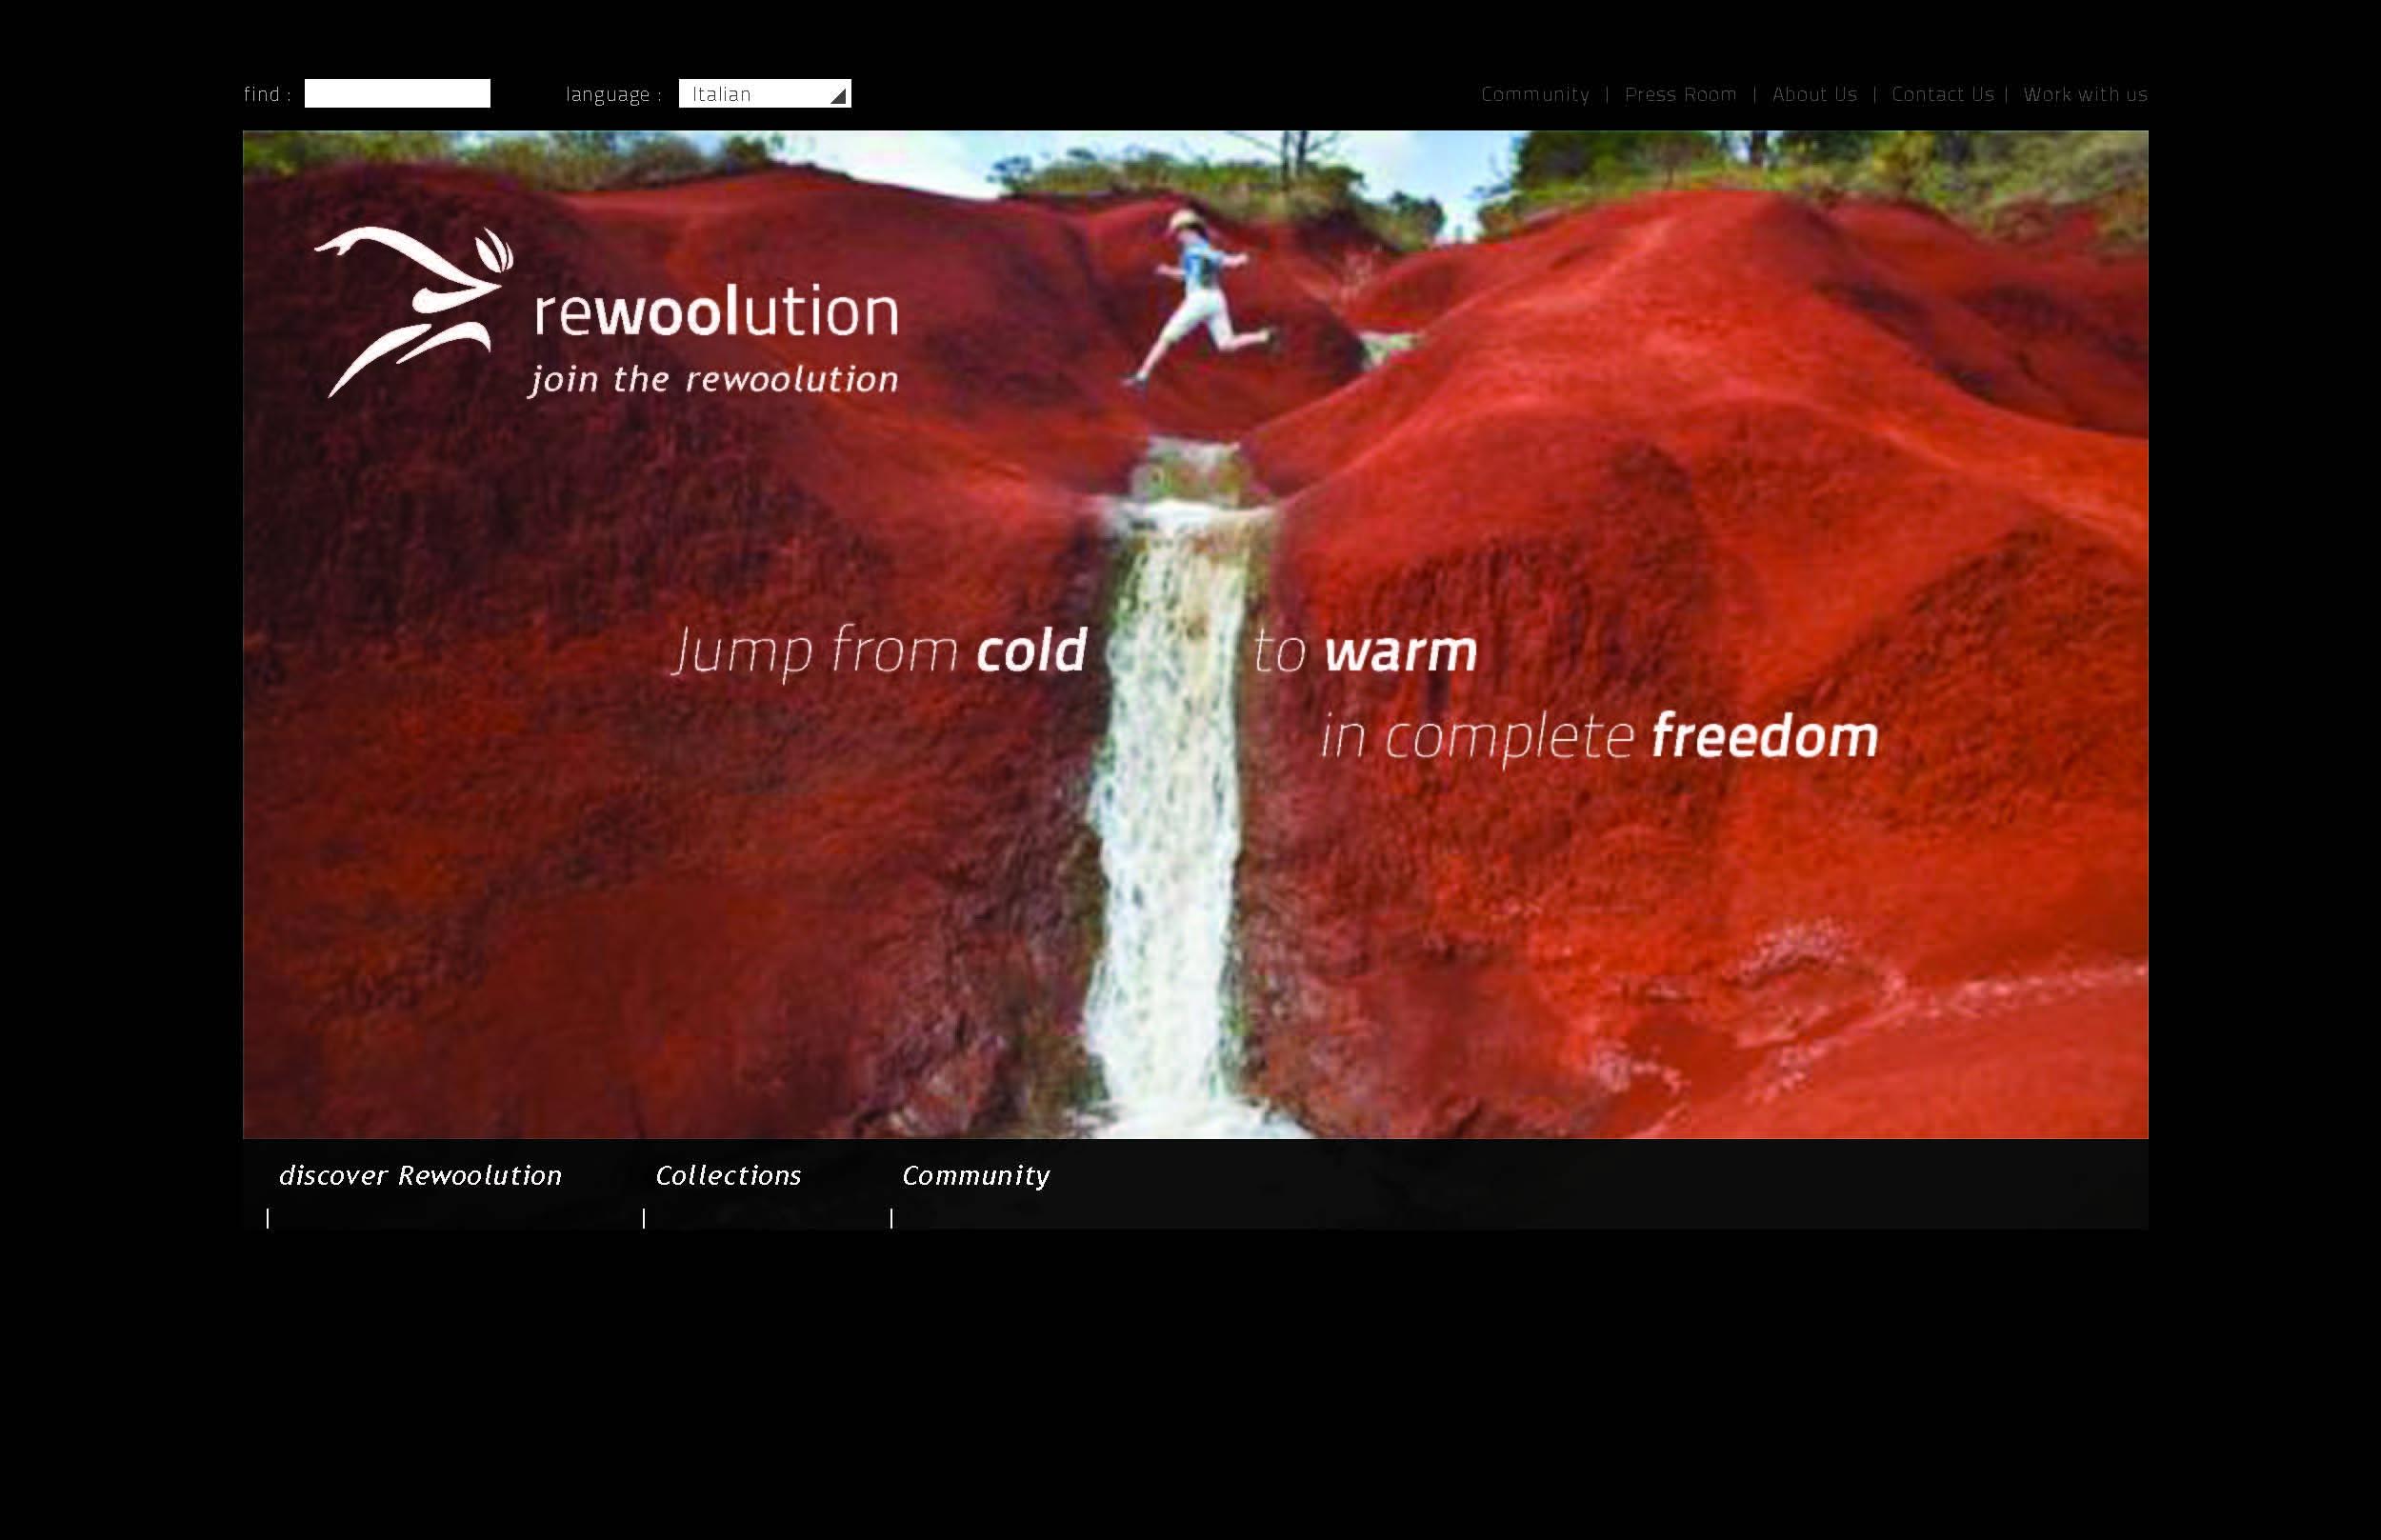 Rewoolution - aurorachiara.com